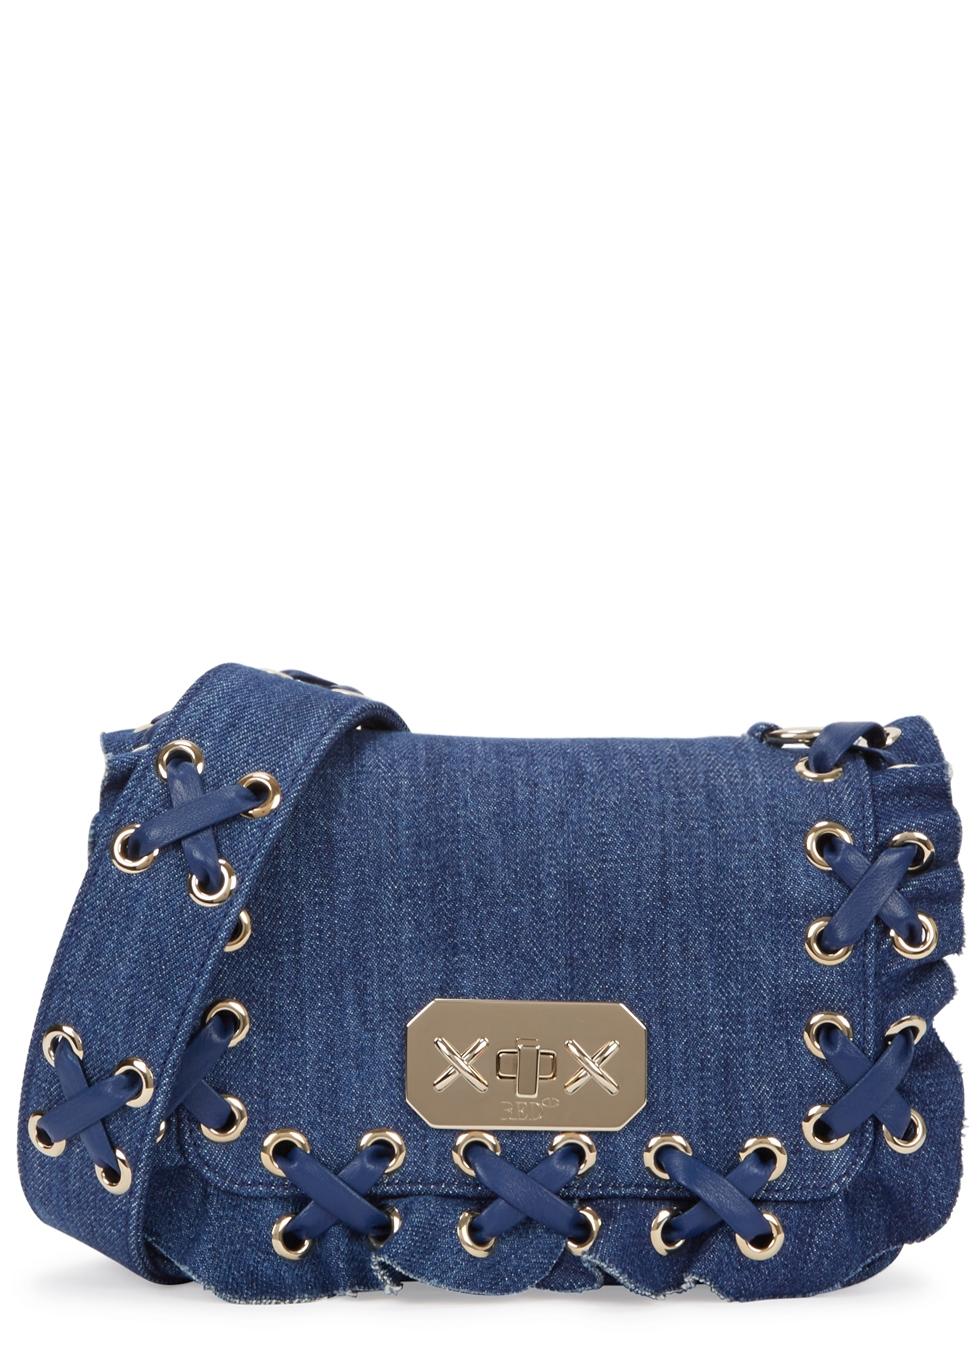 RED V Rock Ruffles Denim Shoulder Bag in Blue